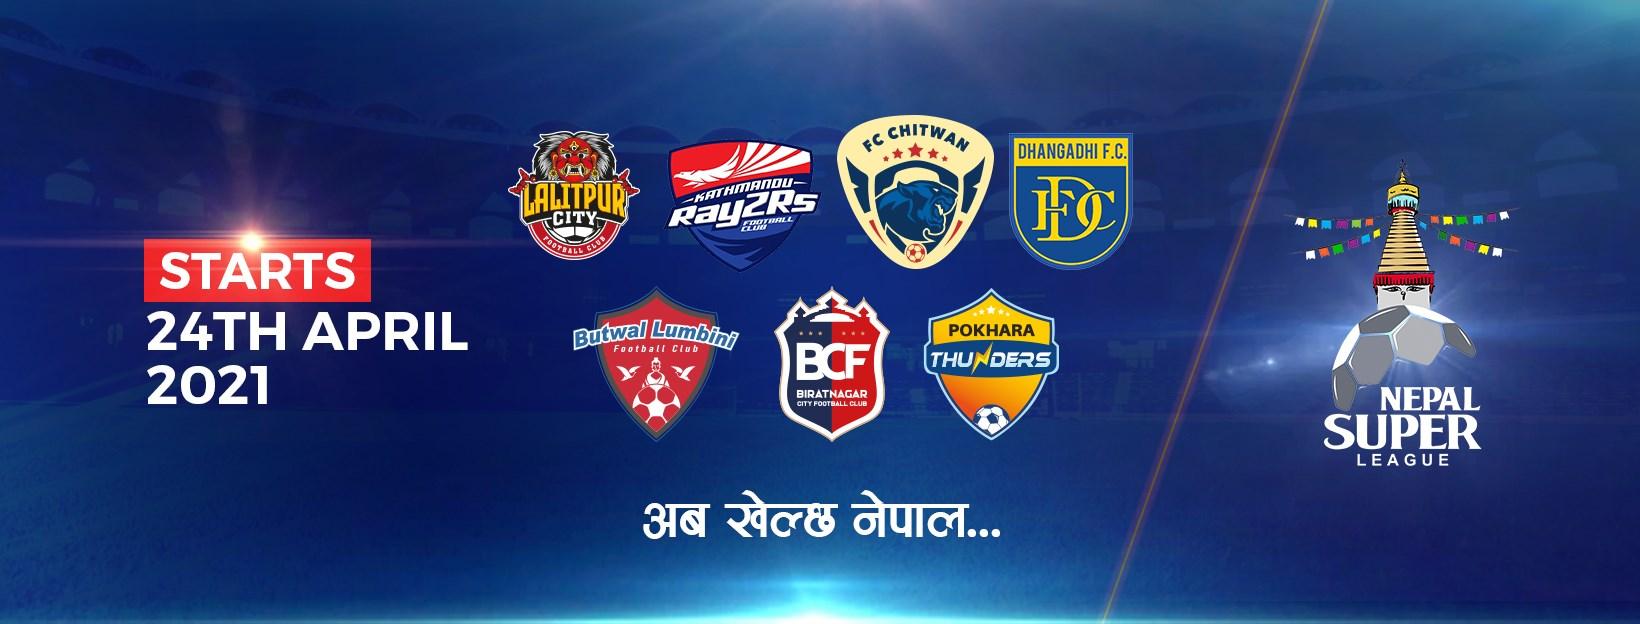 नेपाल सुपर लिग: अक्सनका लागि तीन समूहमा १५८ खेलाडी सूचीकृत (सूचीसहित)